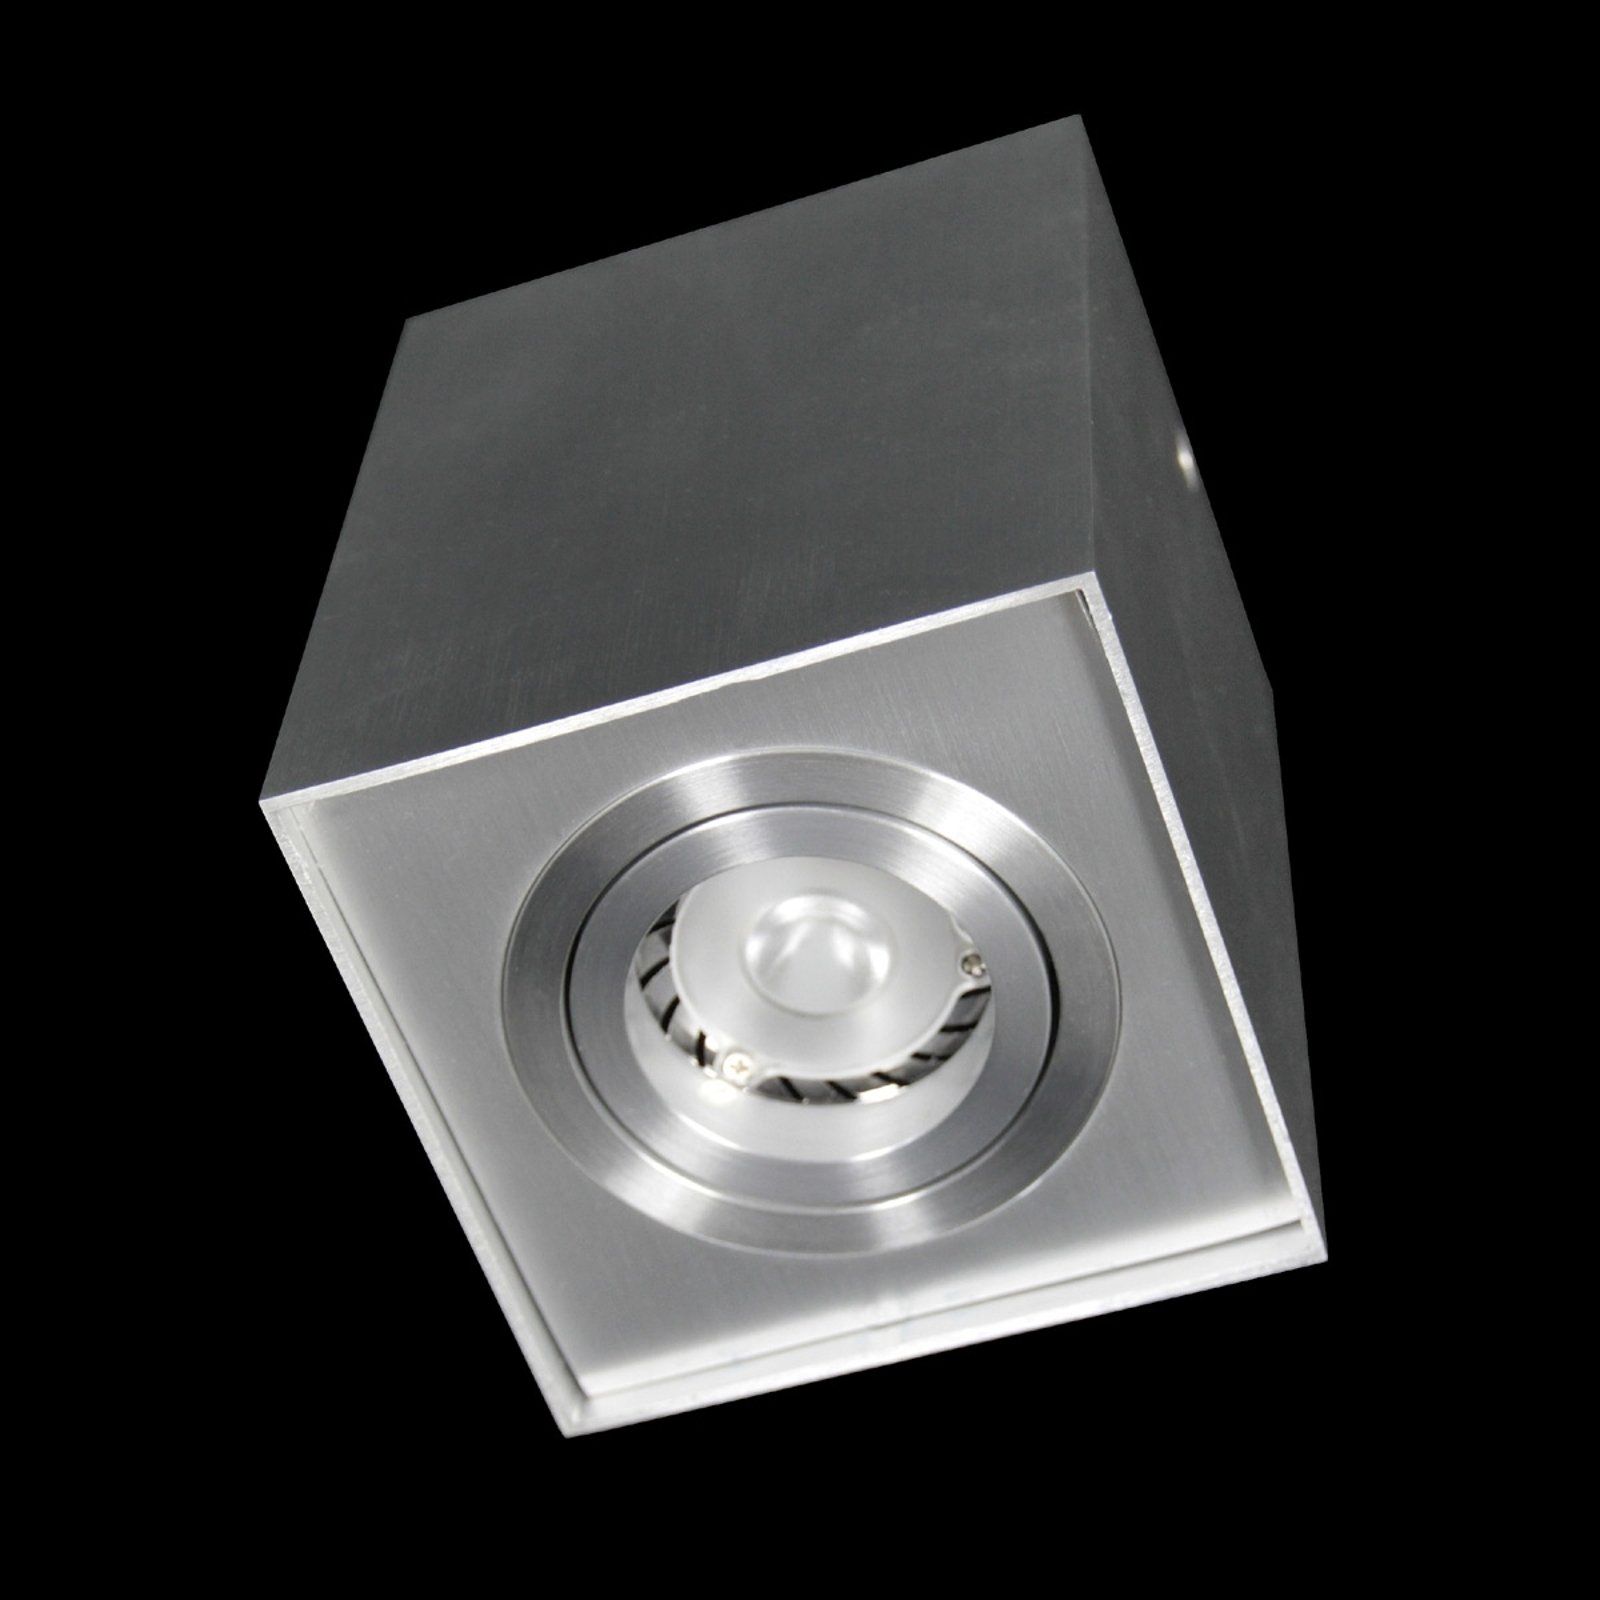 Kwadratowa lampa sufitowa LED SUSE